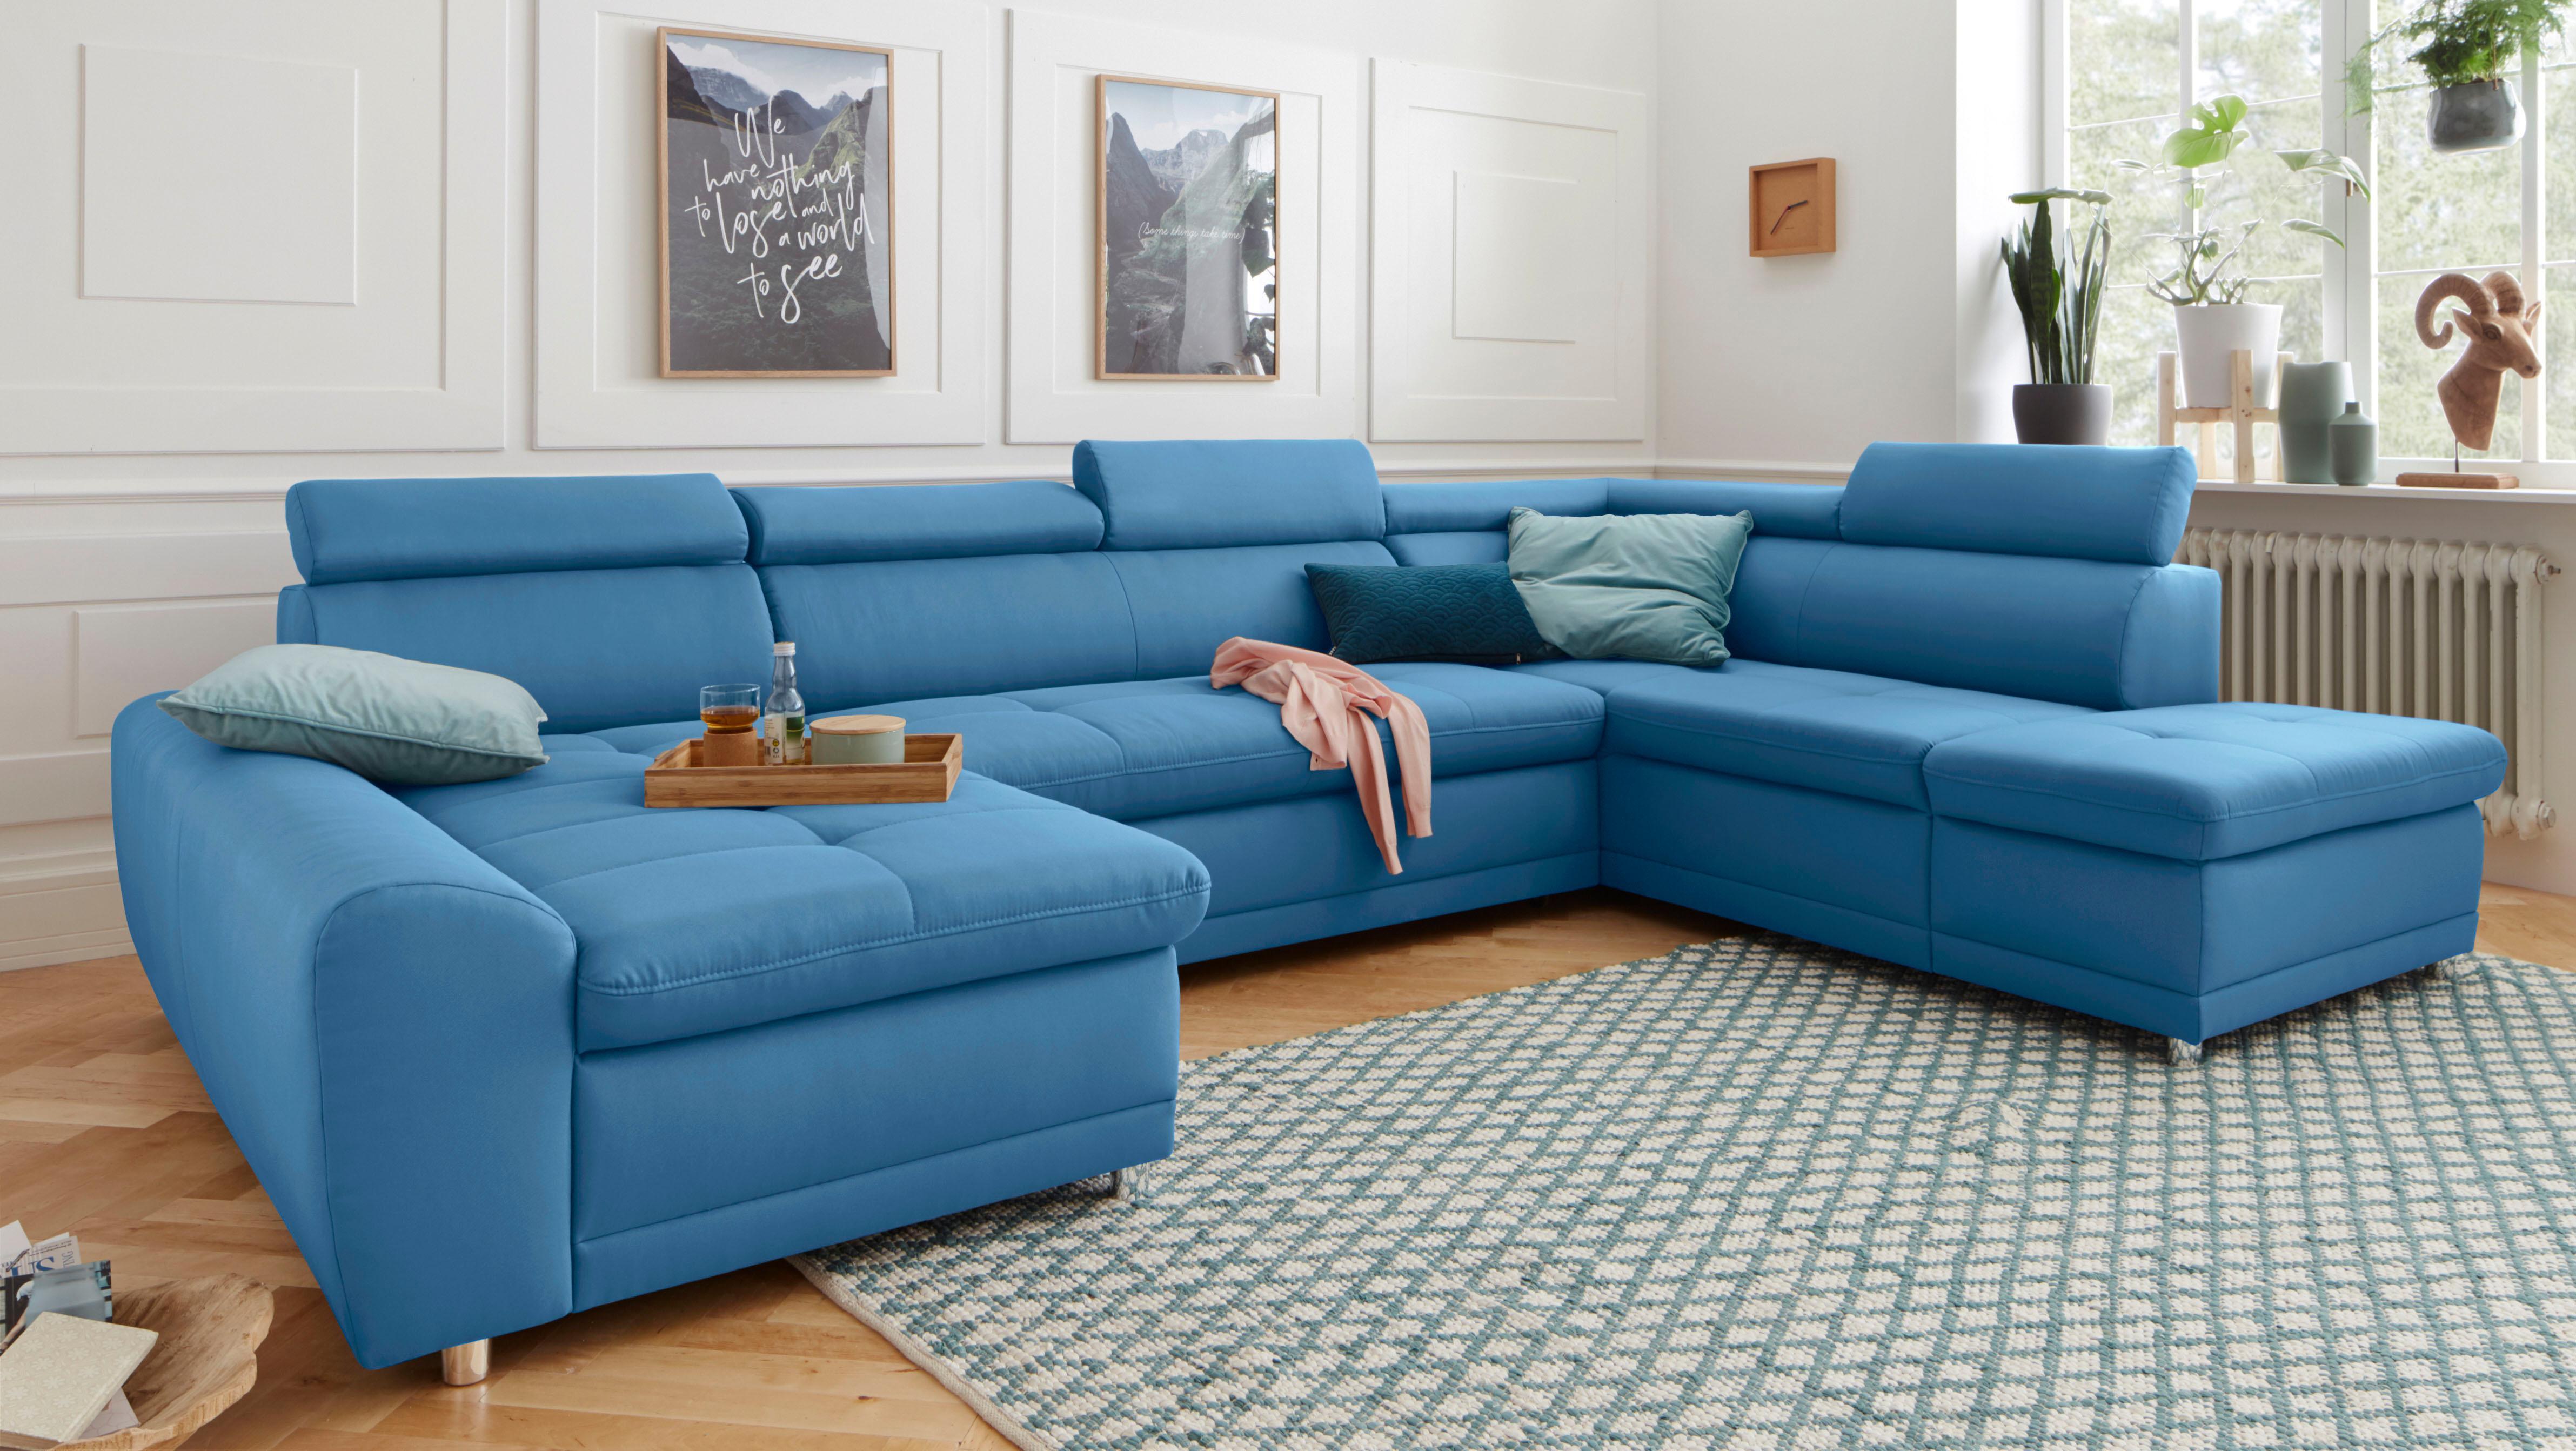 sit&more Wohnlandschaft | Wohnzimmer > Sofas & Couches > Wohnlandschaften | SIT&MORE